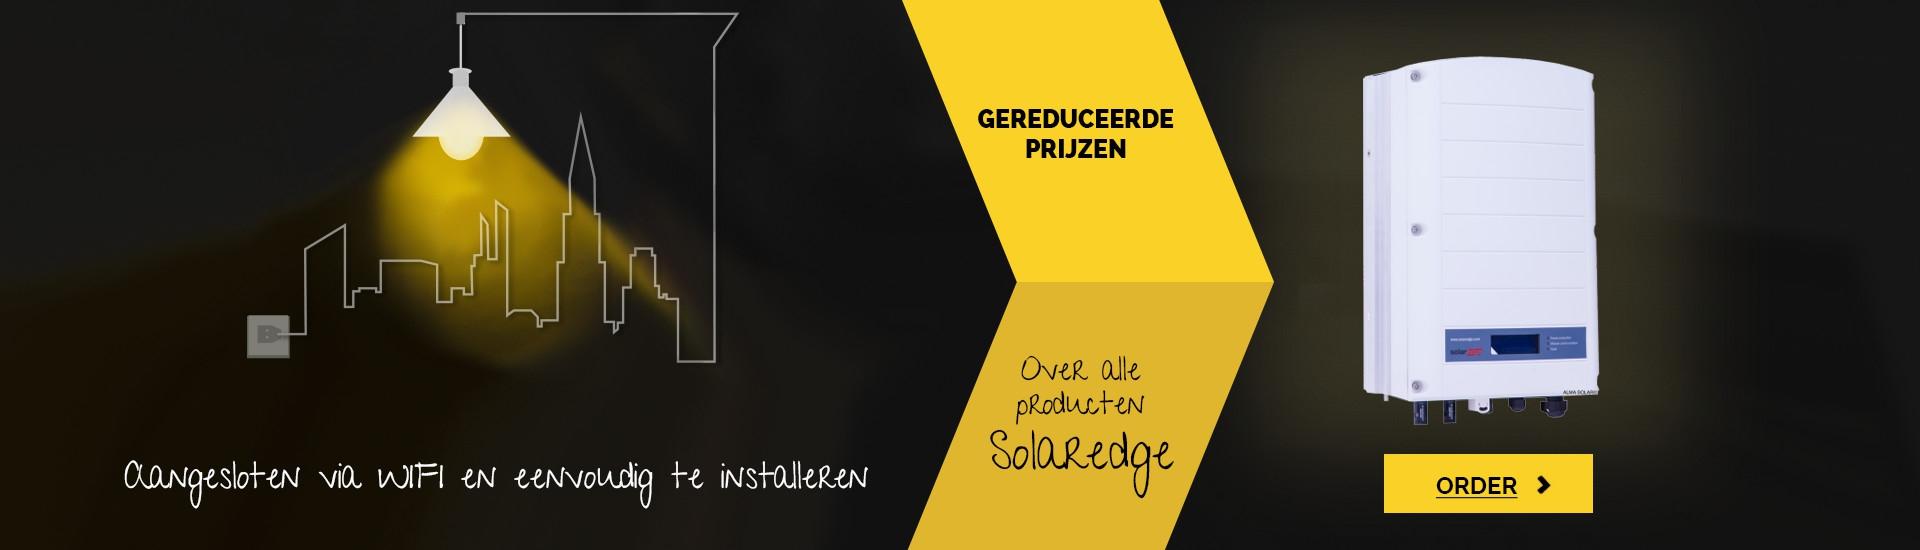 Gereduceerde prijzen over alle producten Solaredge